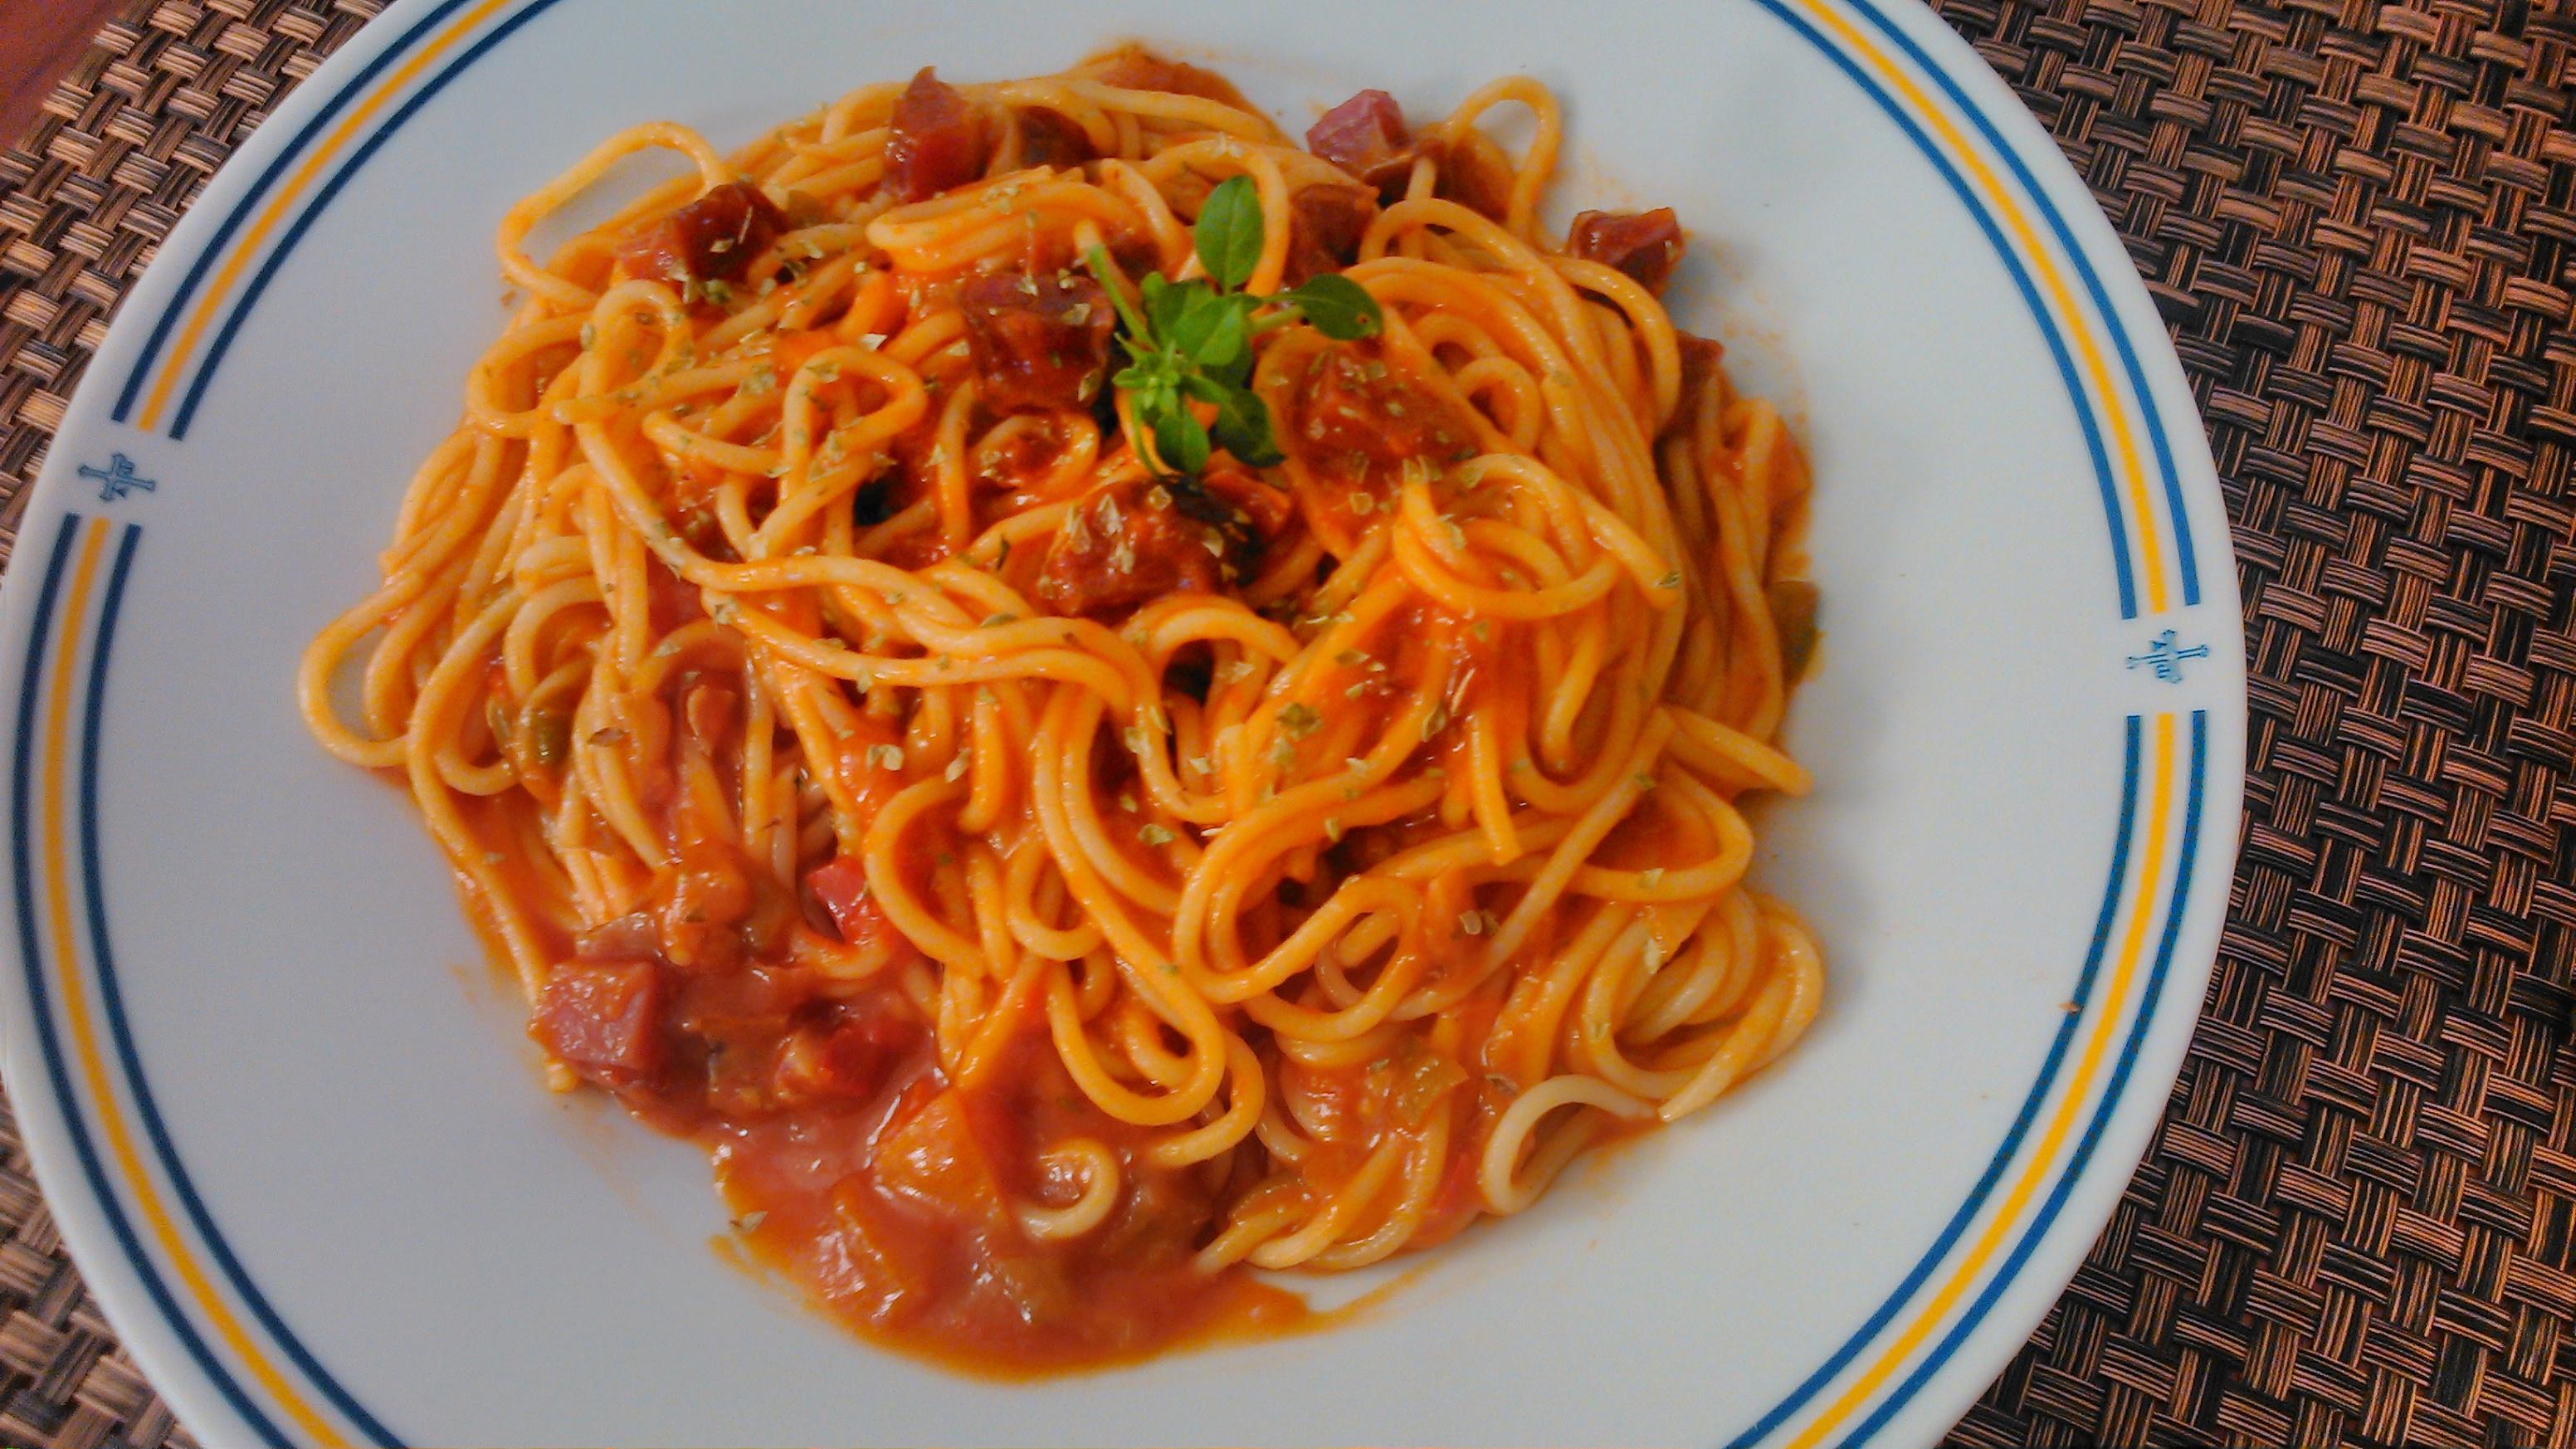 Pasta con salsa de tomate y jam n aprende cocina - Salsa de tomate y nata ...